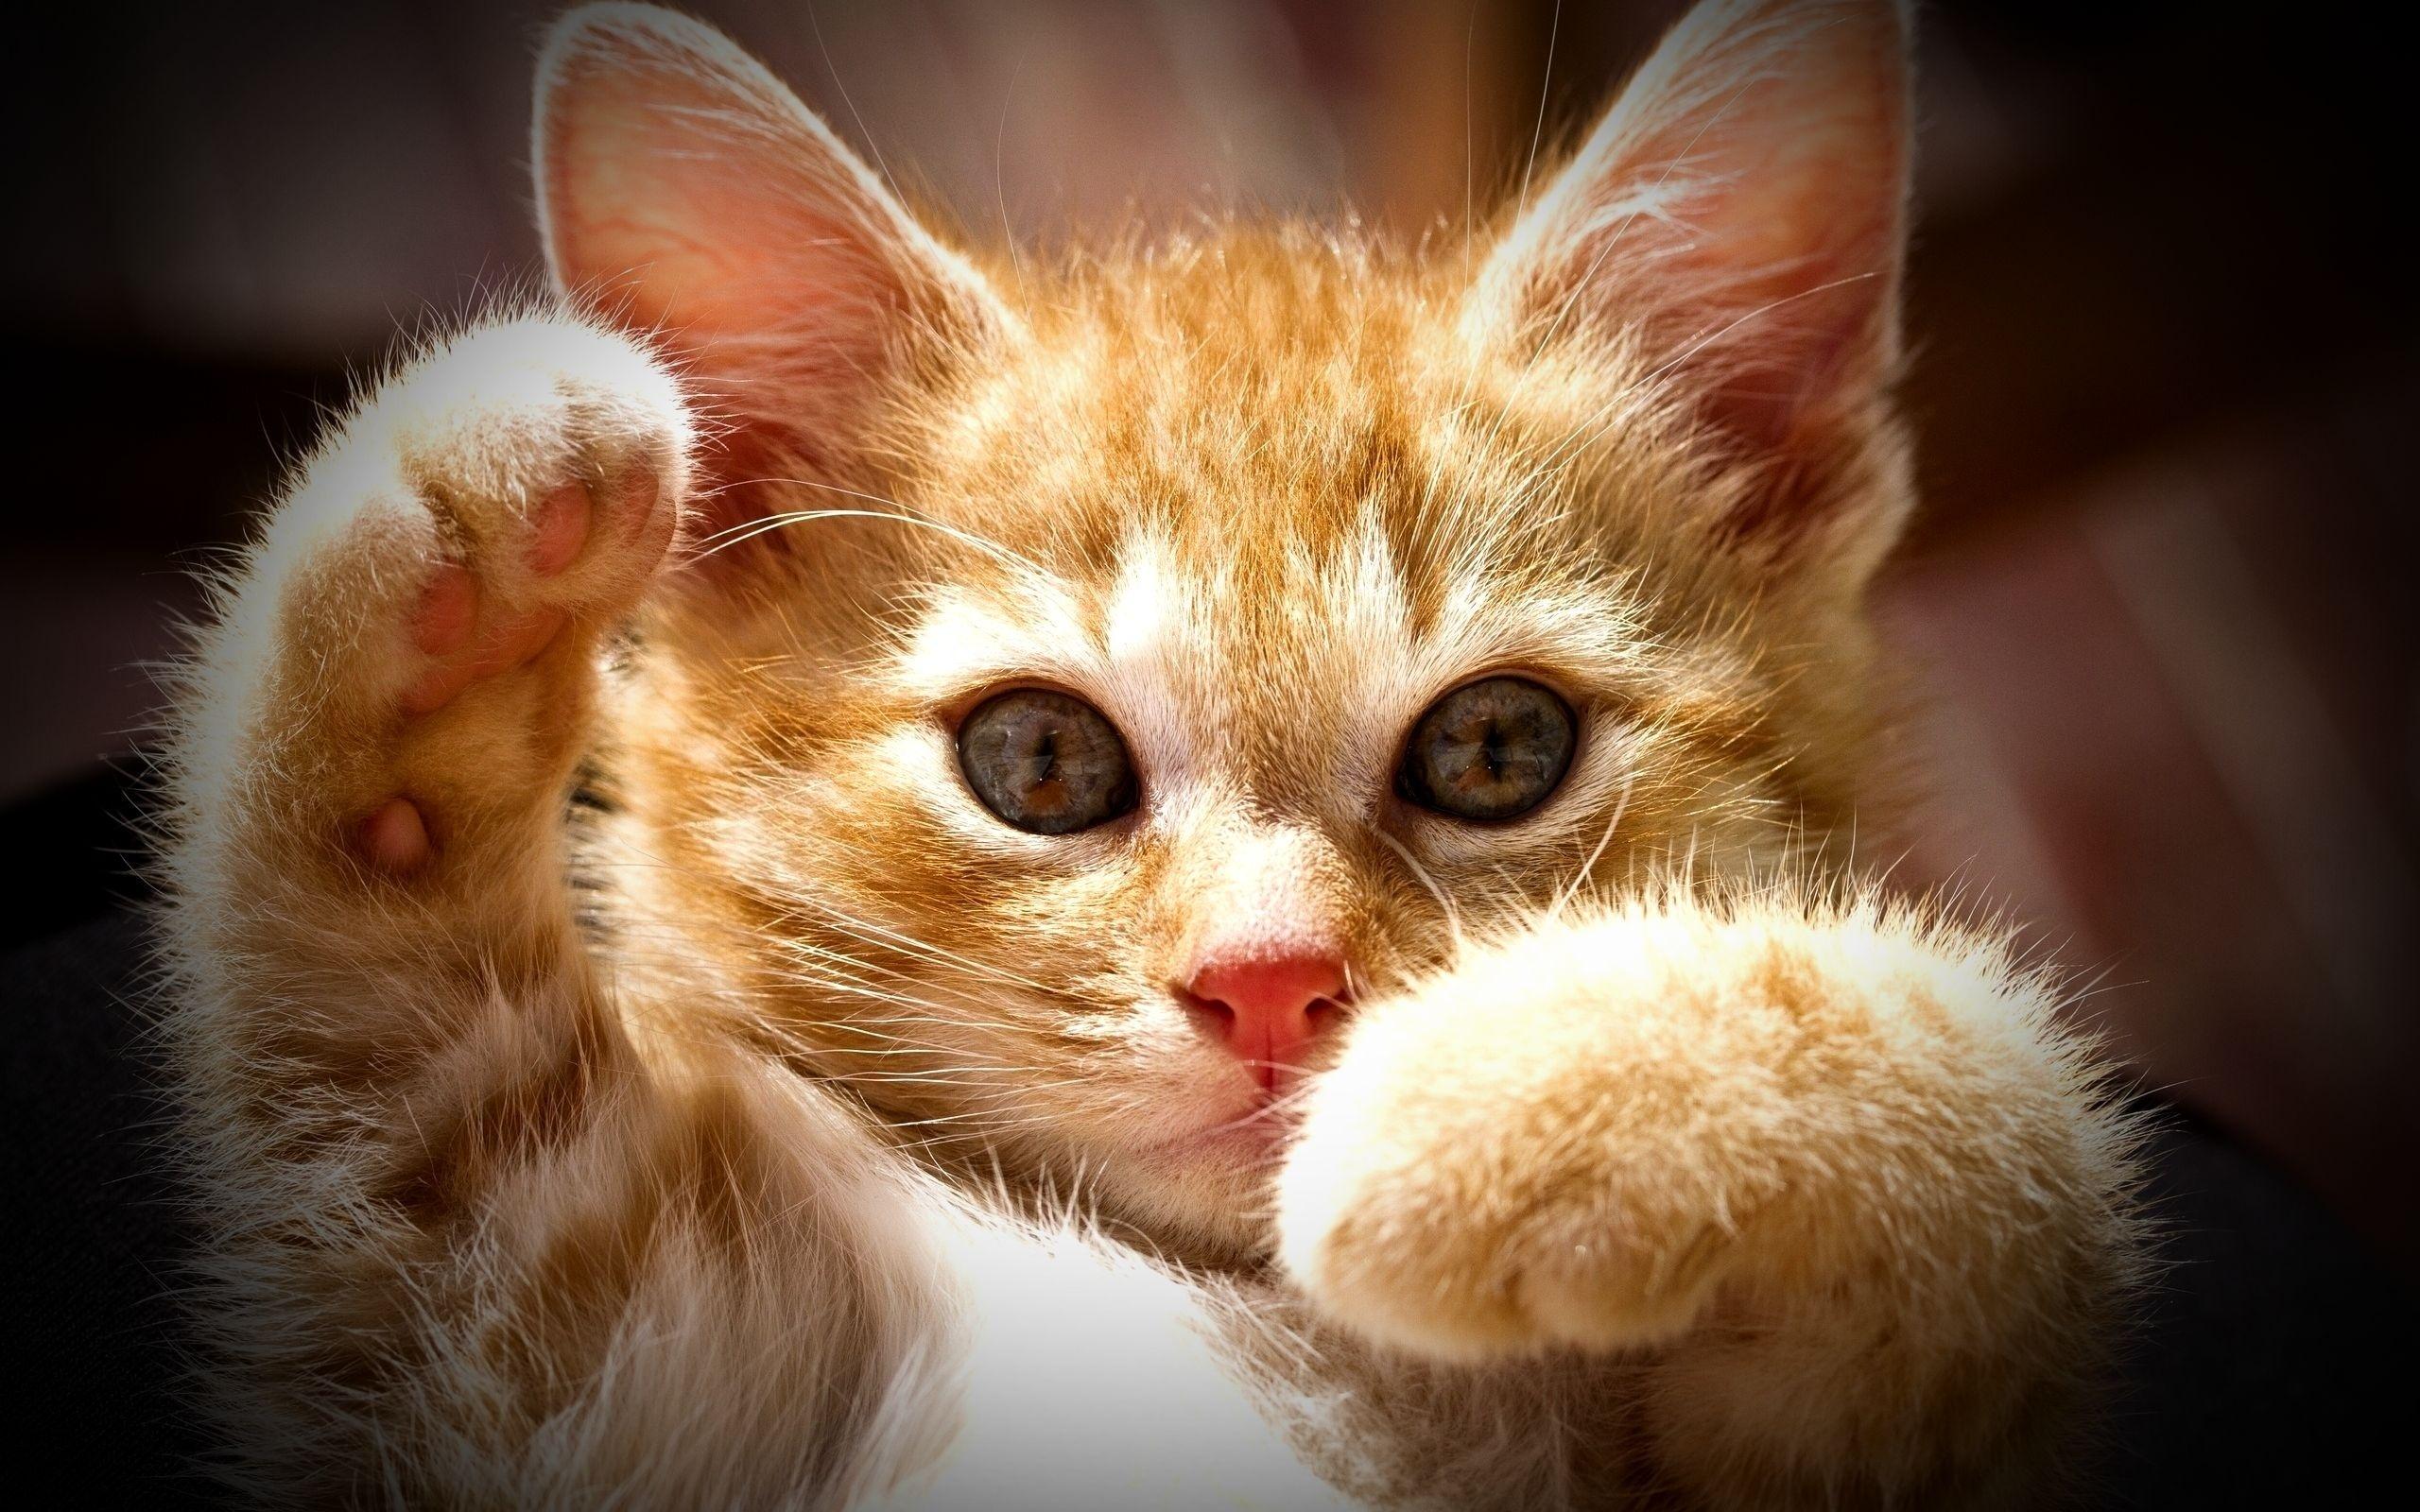 Прикольная картинка с котенком, картинка сестер любовь